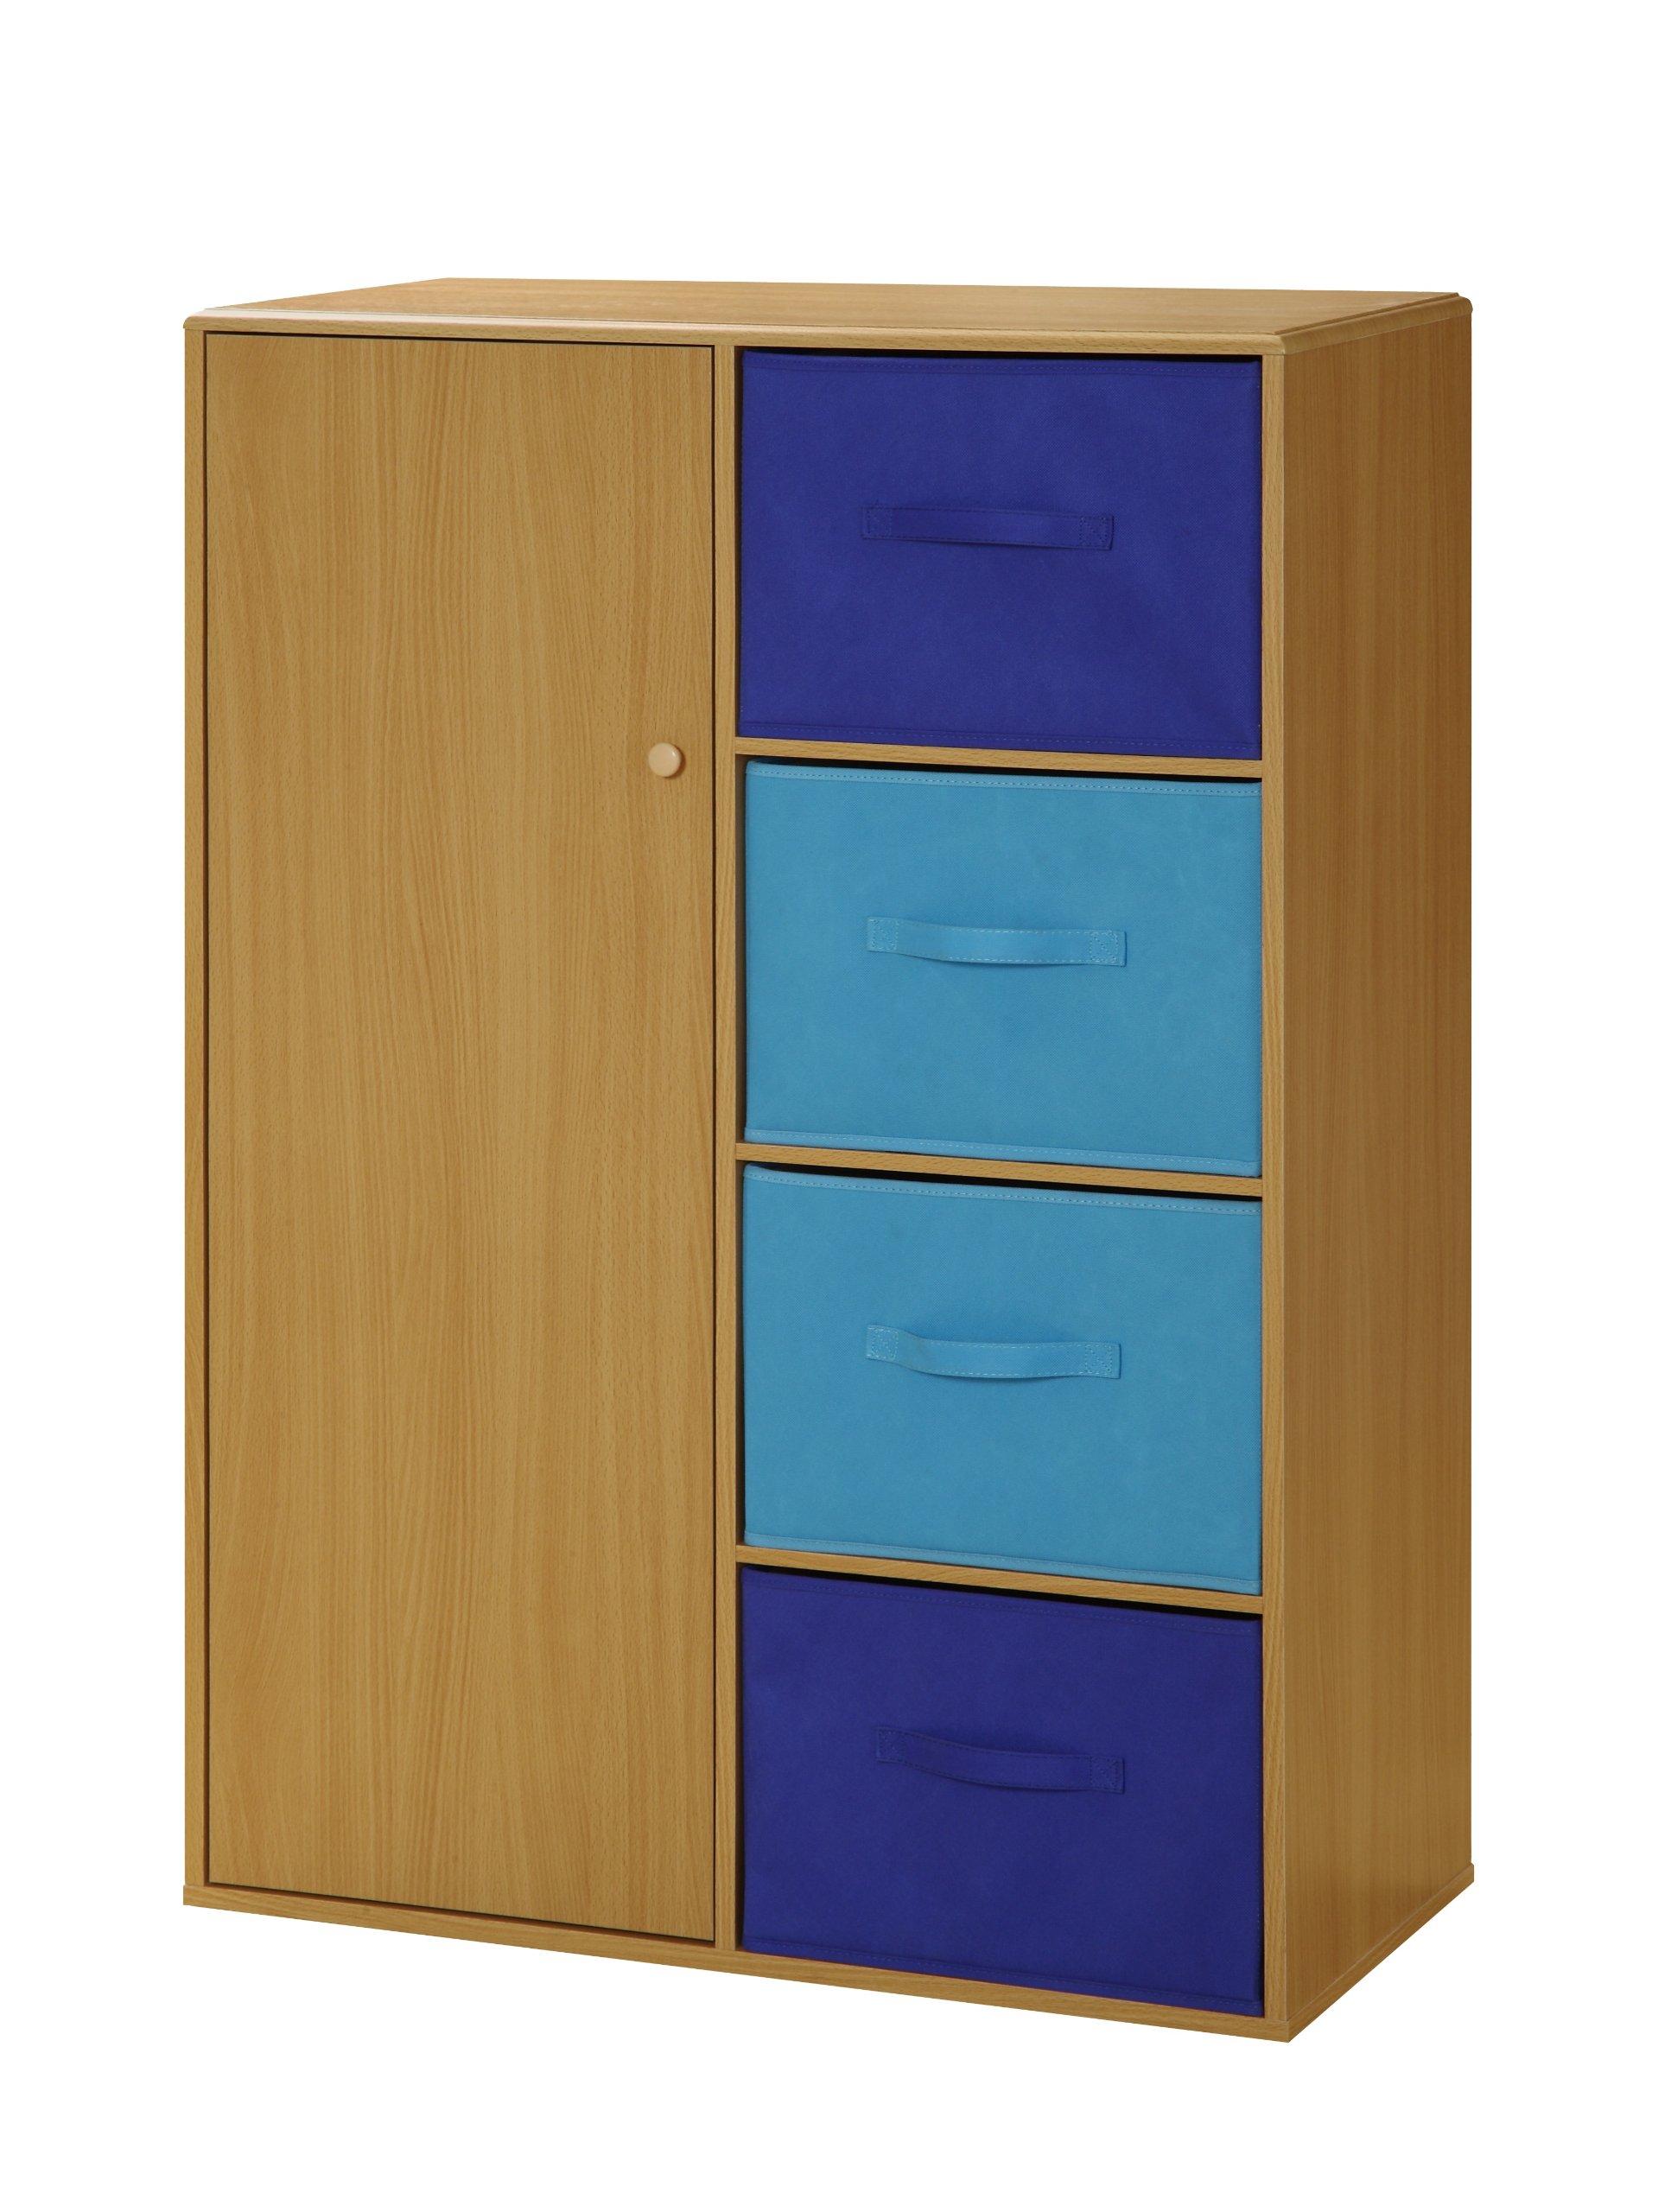 4D Concepts Boy's Storage Armoire